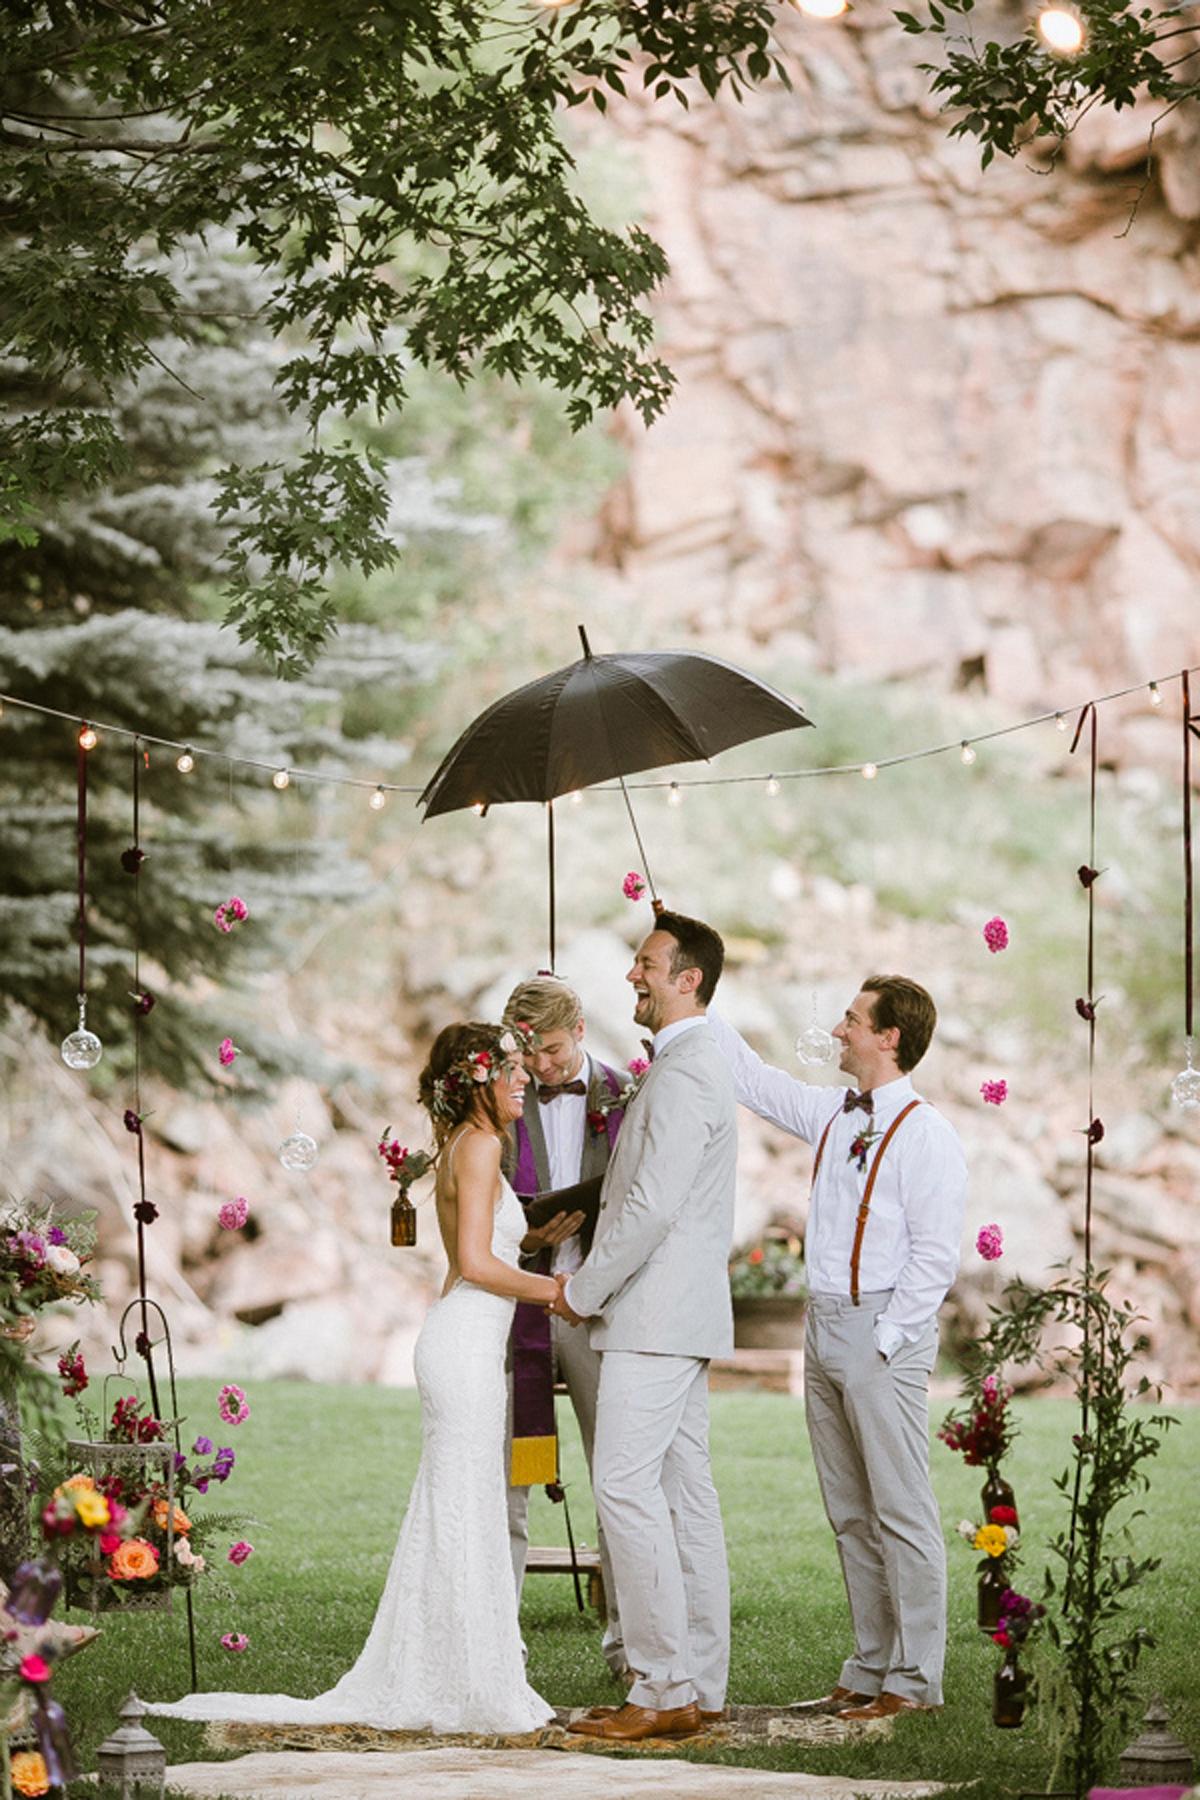 Consejos-para-una-boda-con-lluvia-07